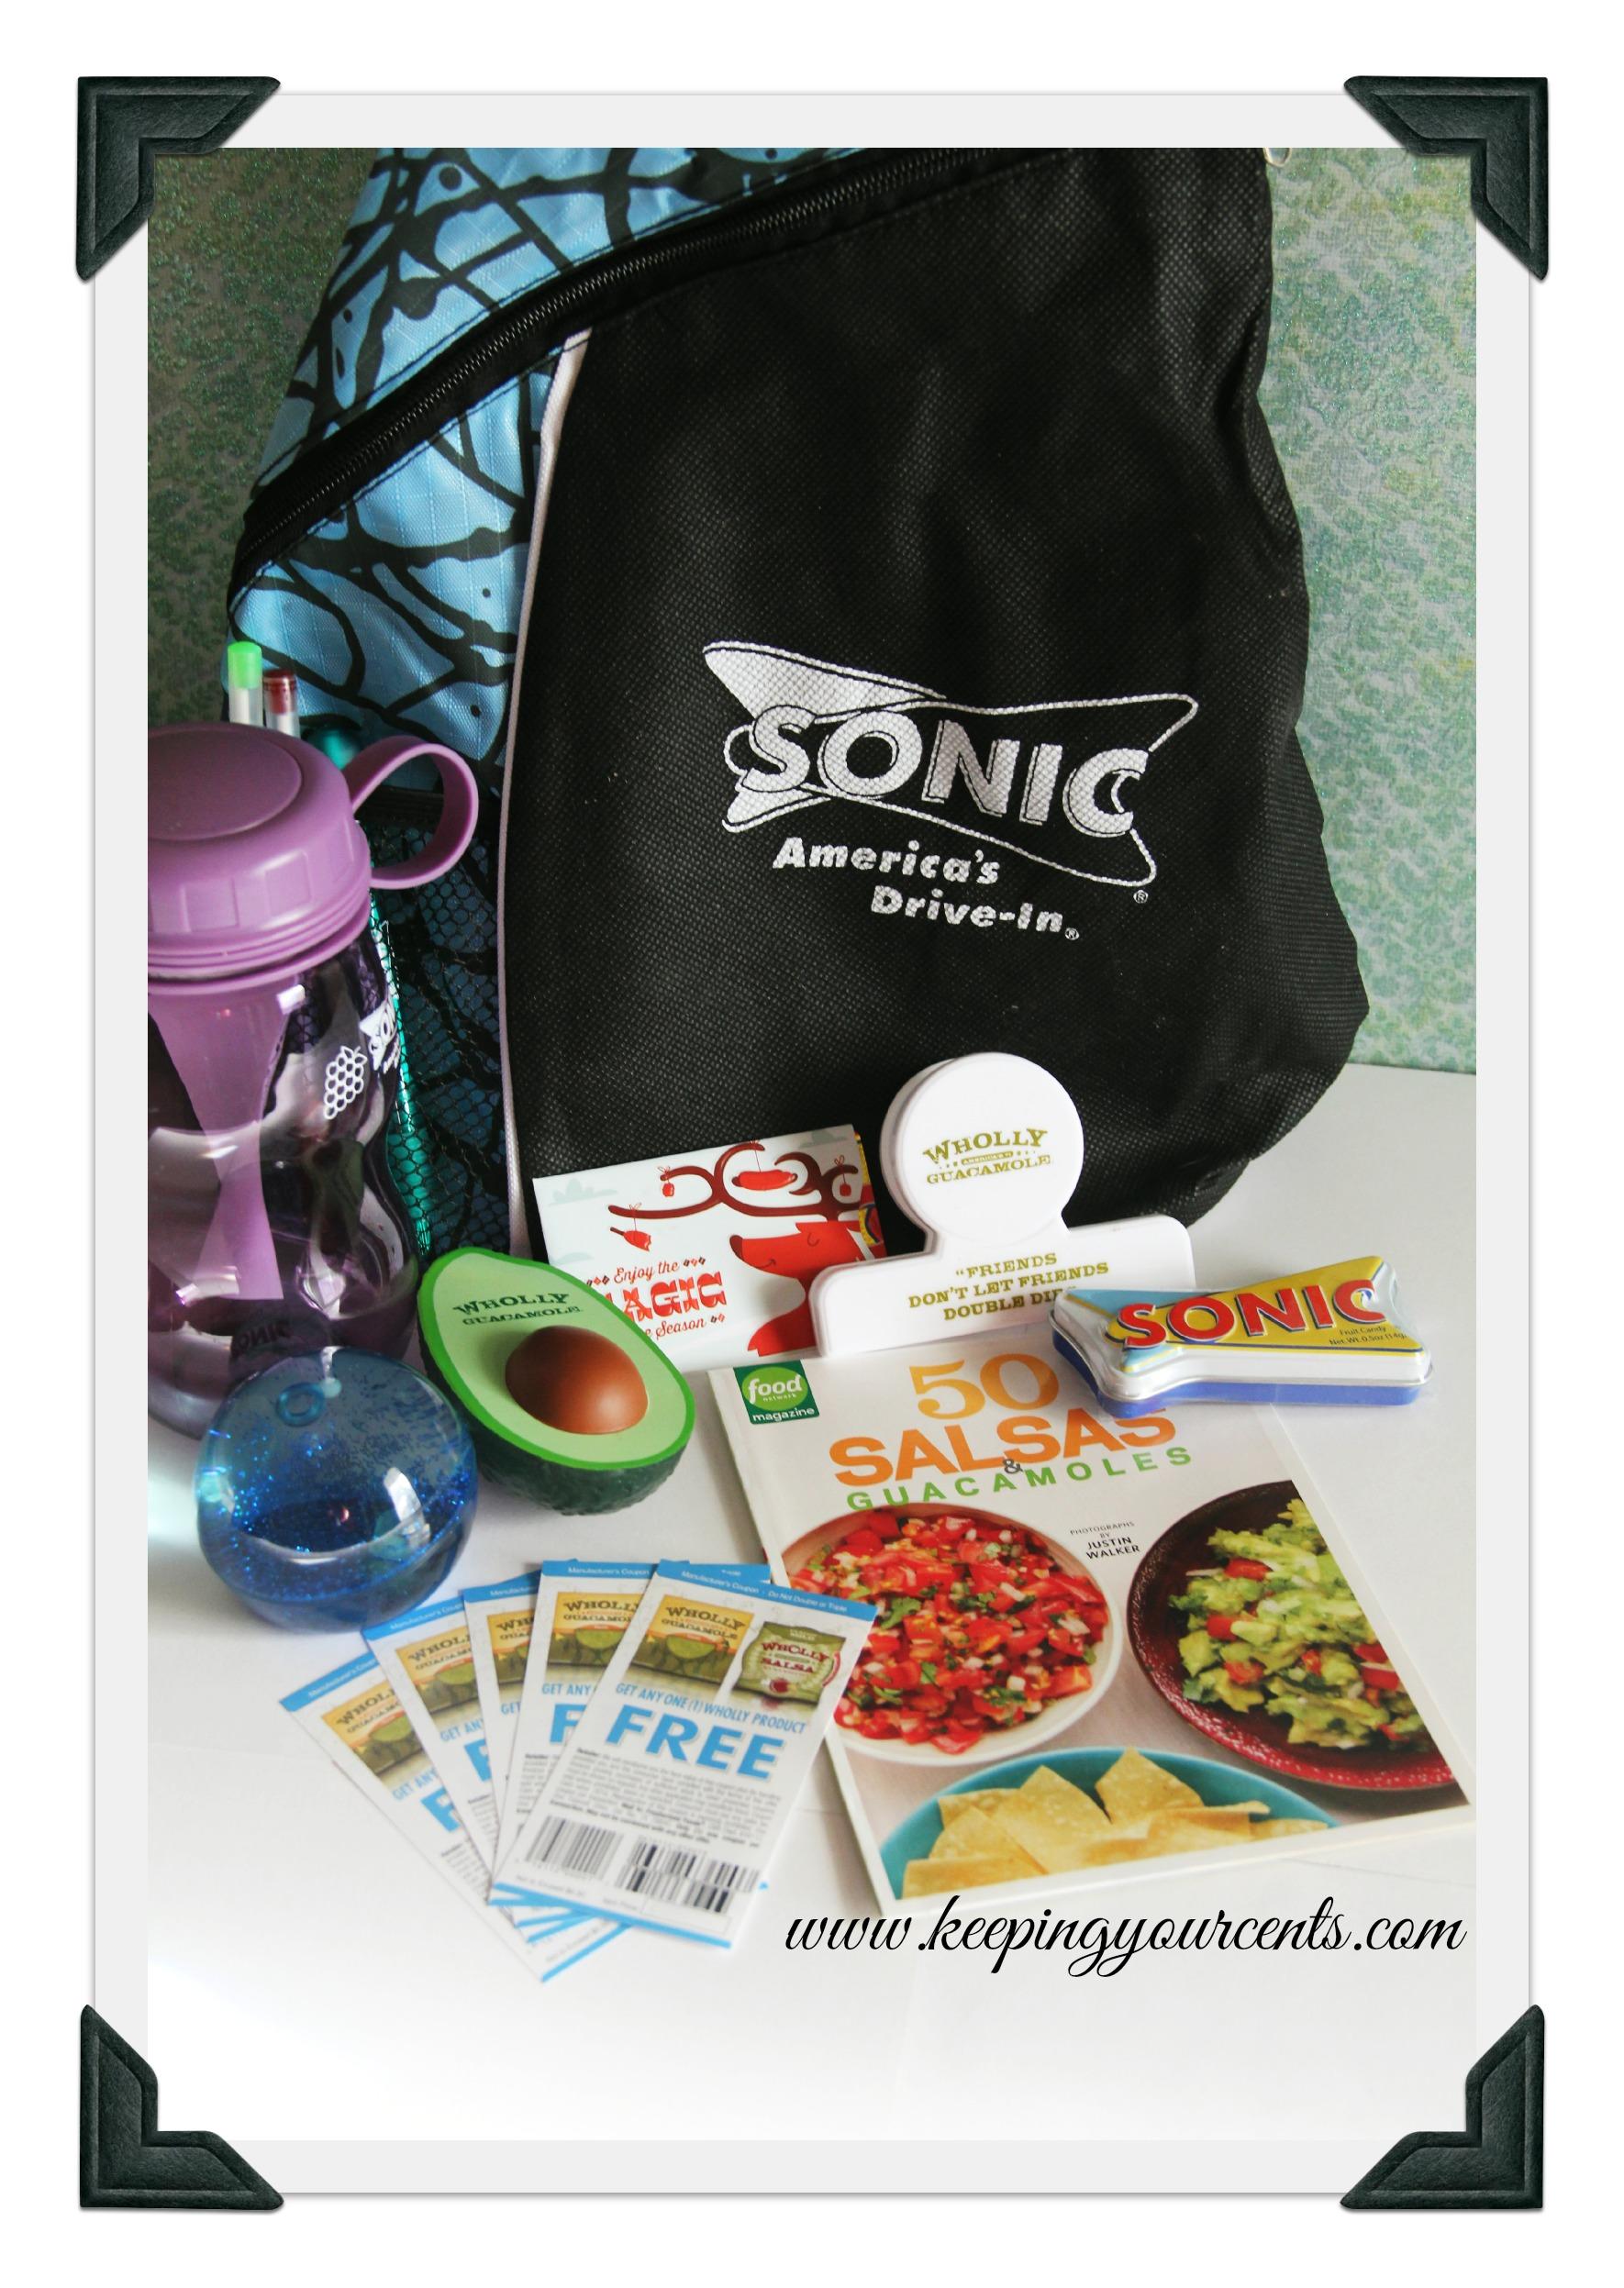 Sonic Gift Pack